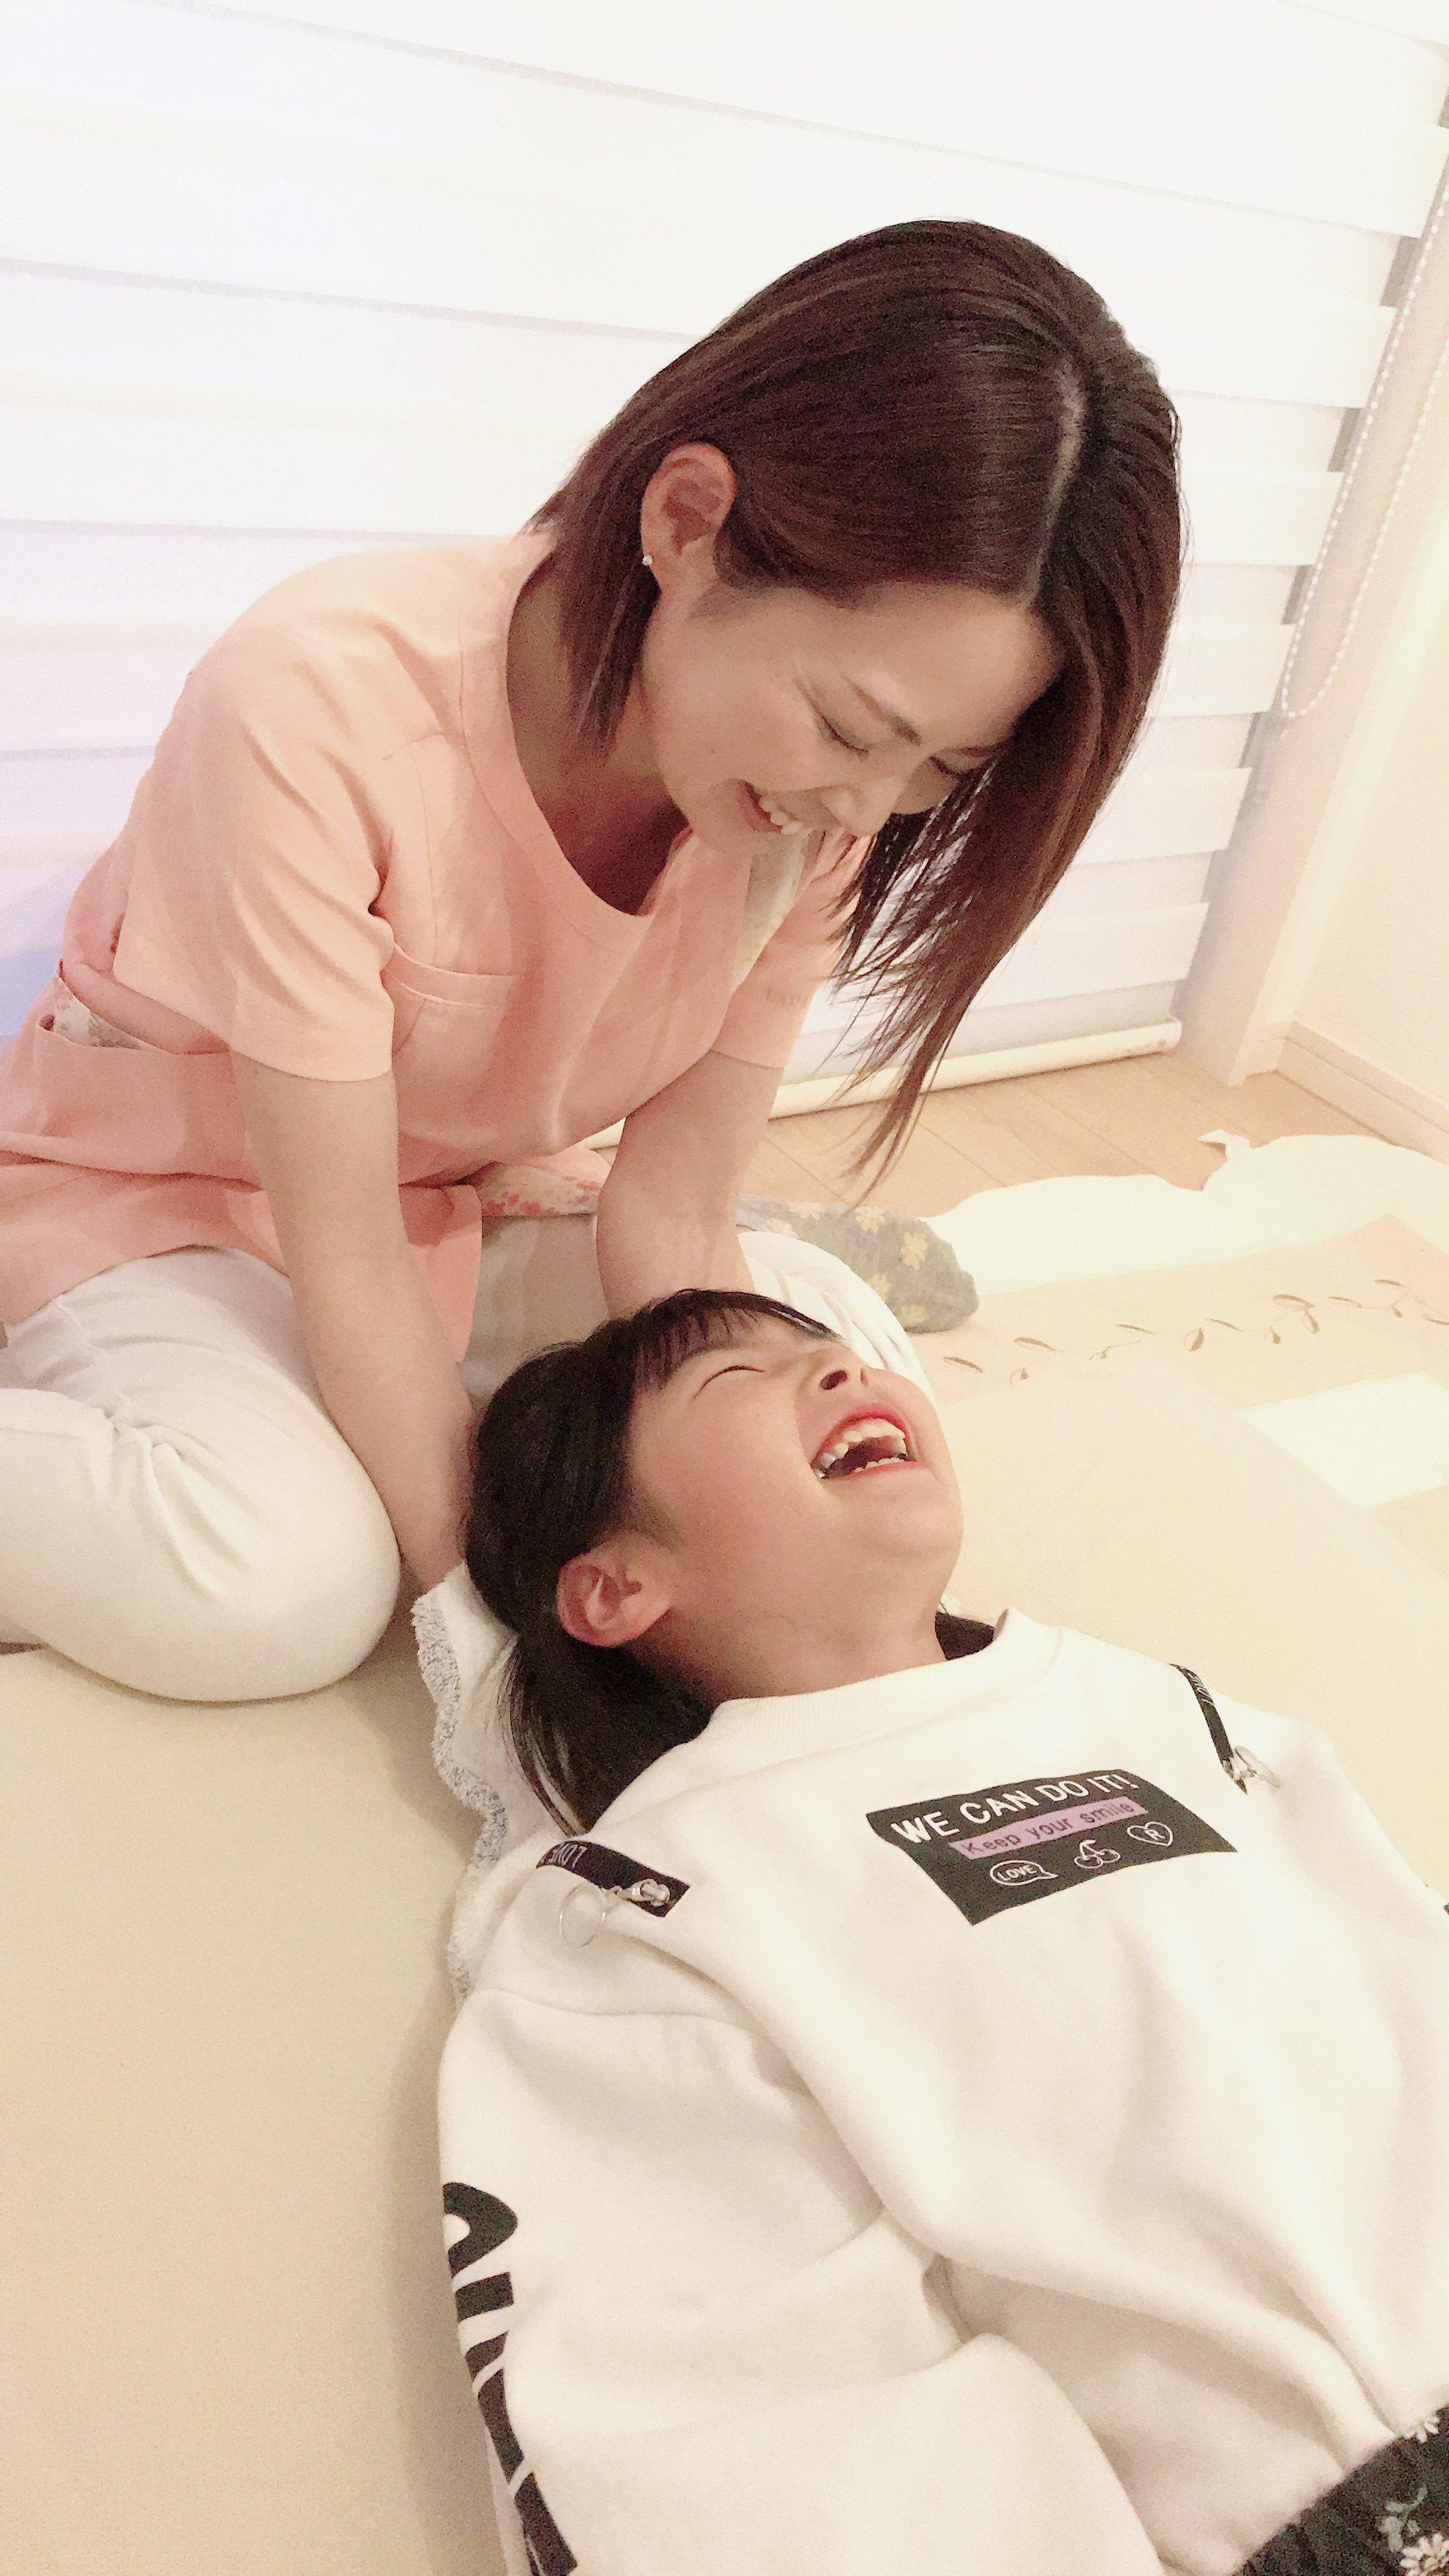 肩こり・腰痛・頭痛・生理痛のお悩み改善😊😊😊お得すぎる年間契約コース✨姫路のイメージその1